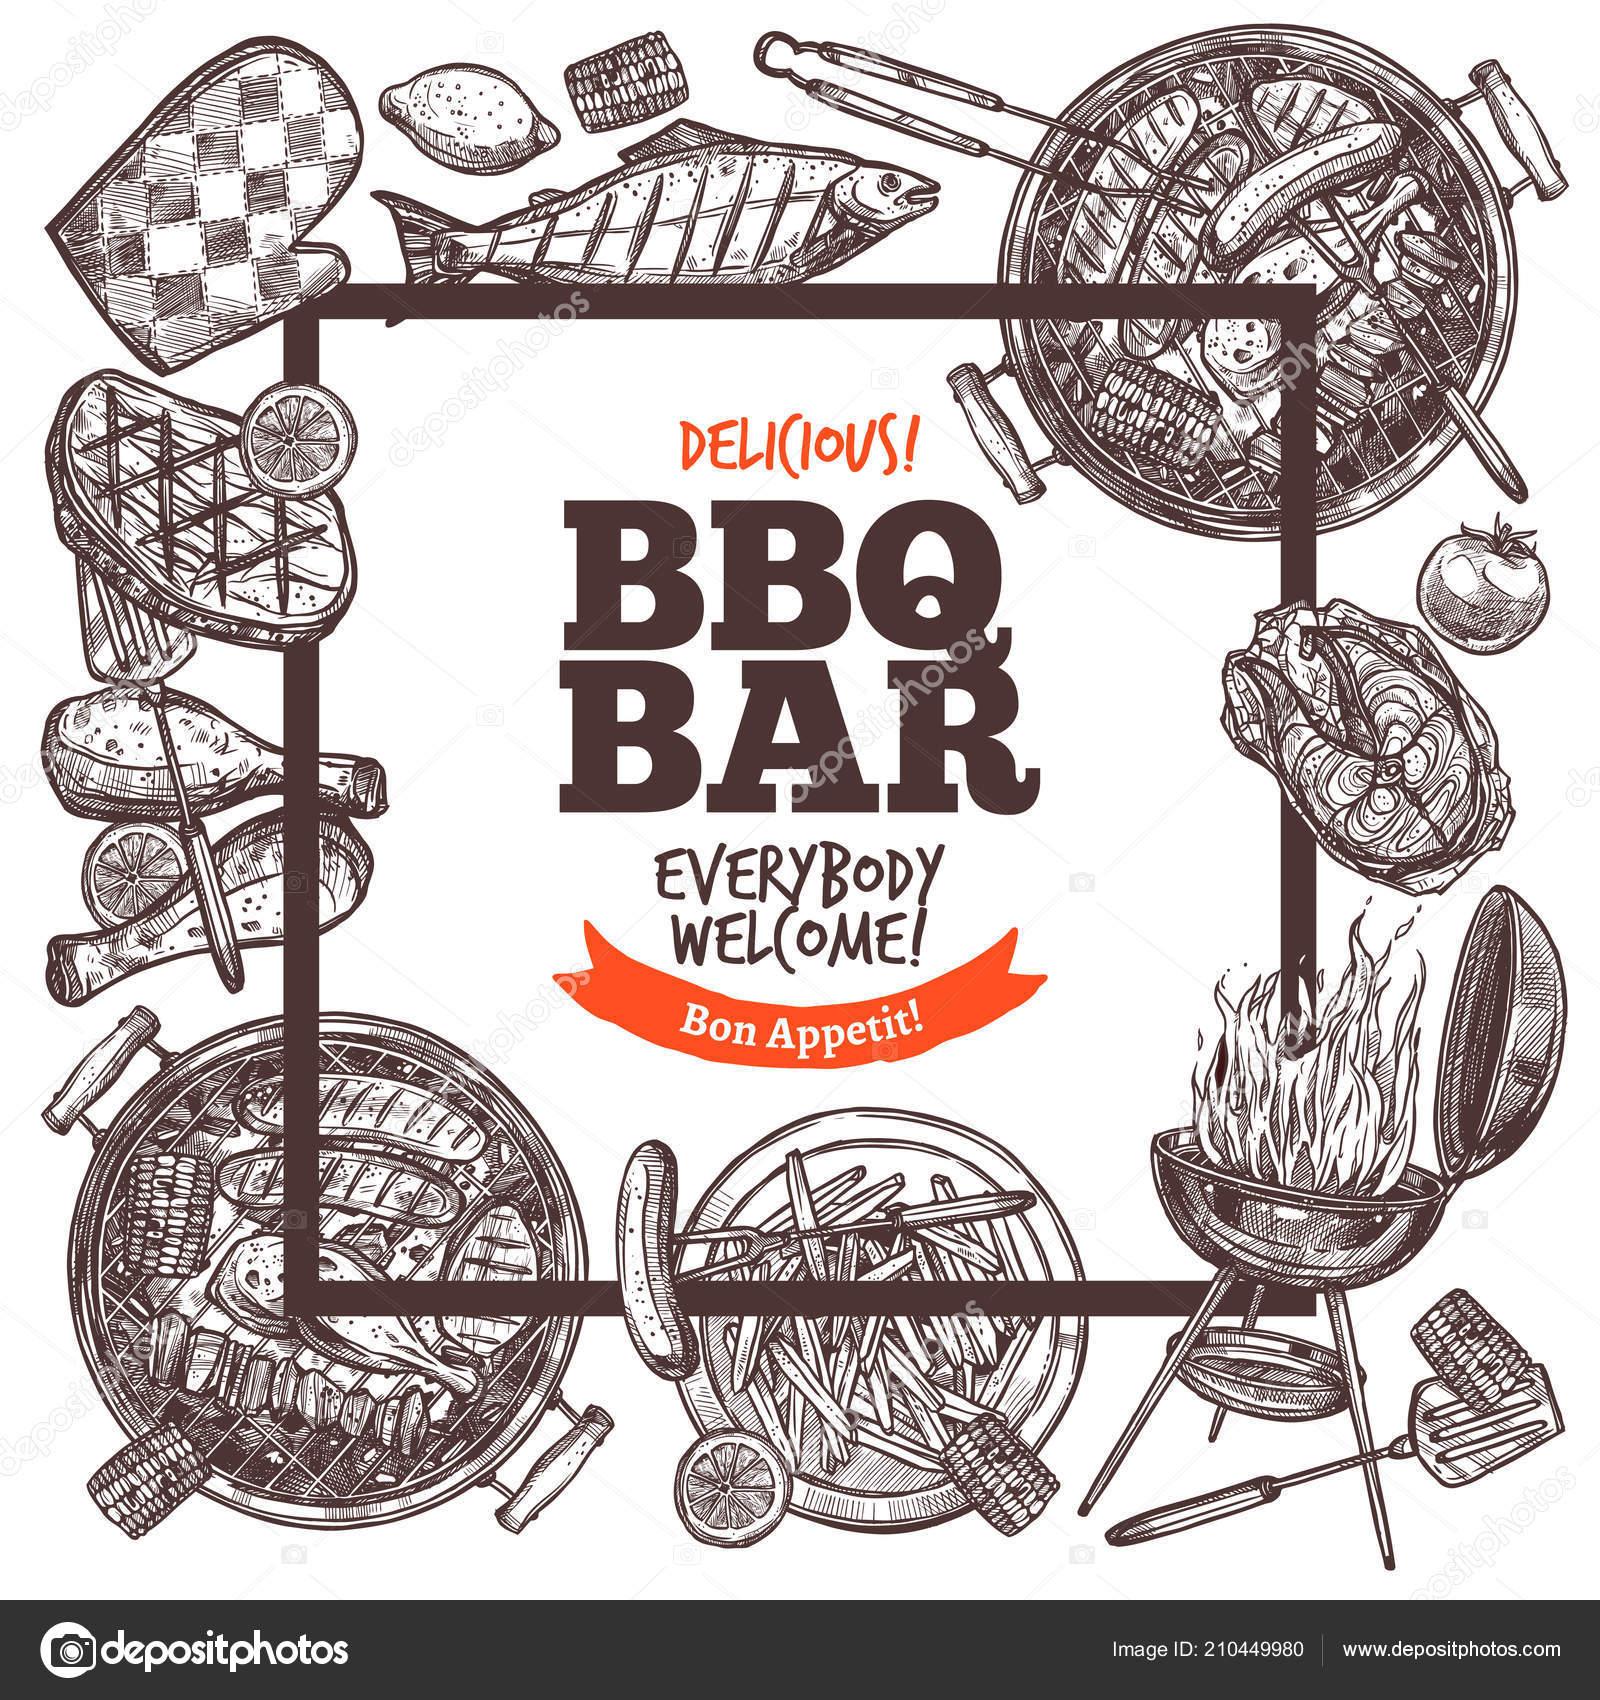 4590ce9788e Quadrados de cartaz convite para festa de churrasco. Banner bem-vindo do  bar para churrasco. Cartaz com grande conjunto de grelhados